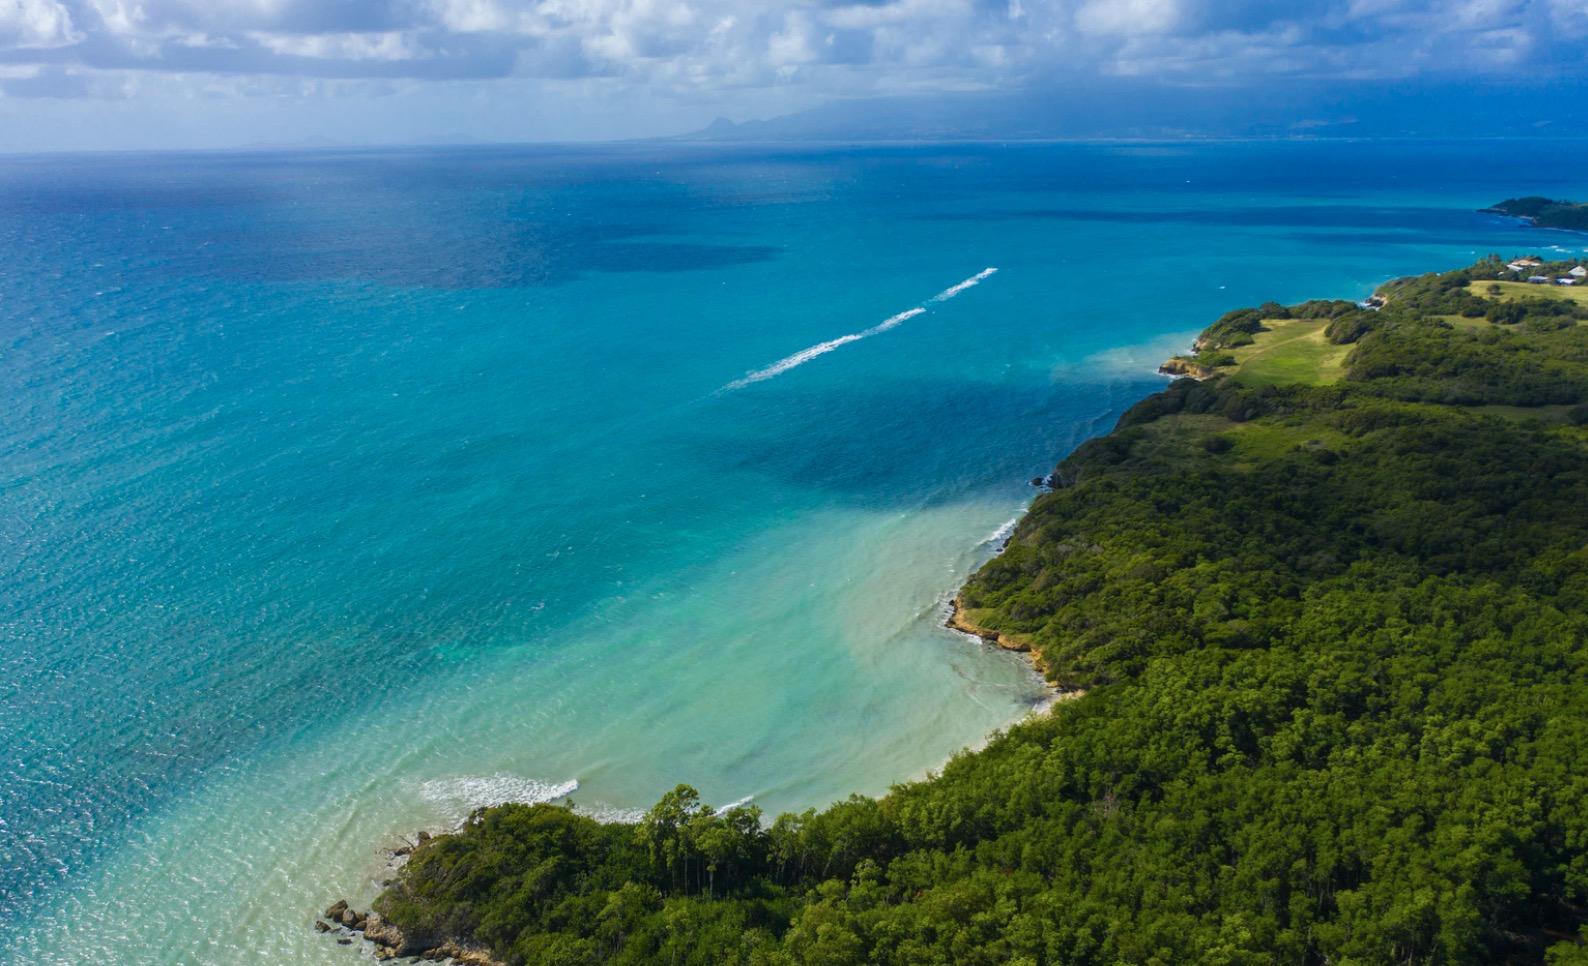 Plages tranquilles en Guadeloupe